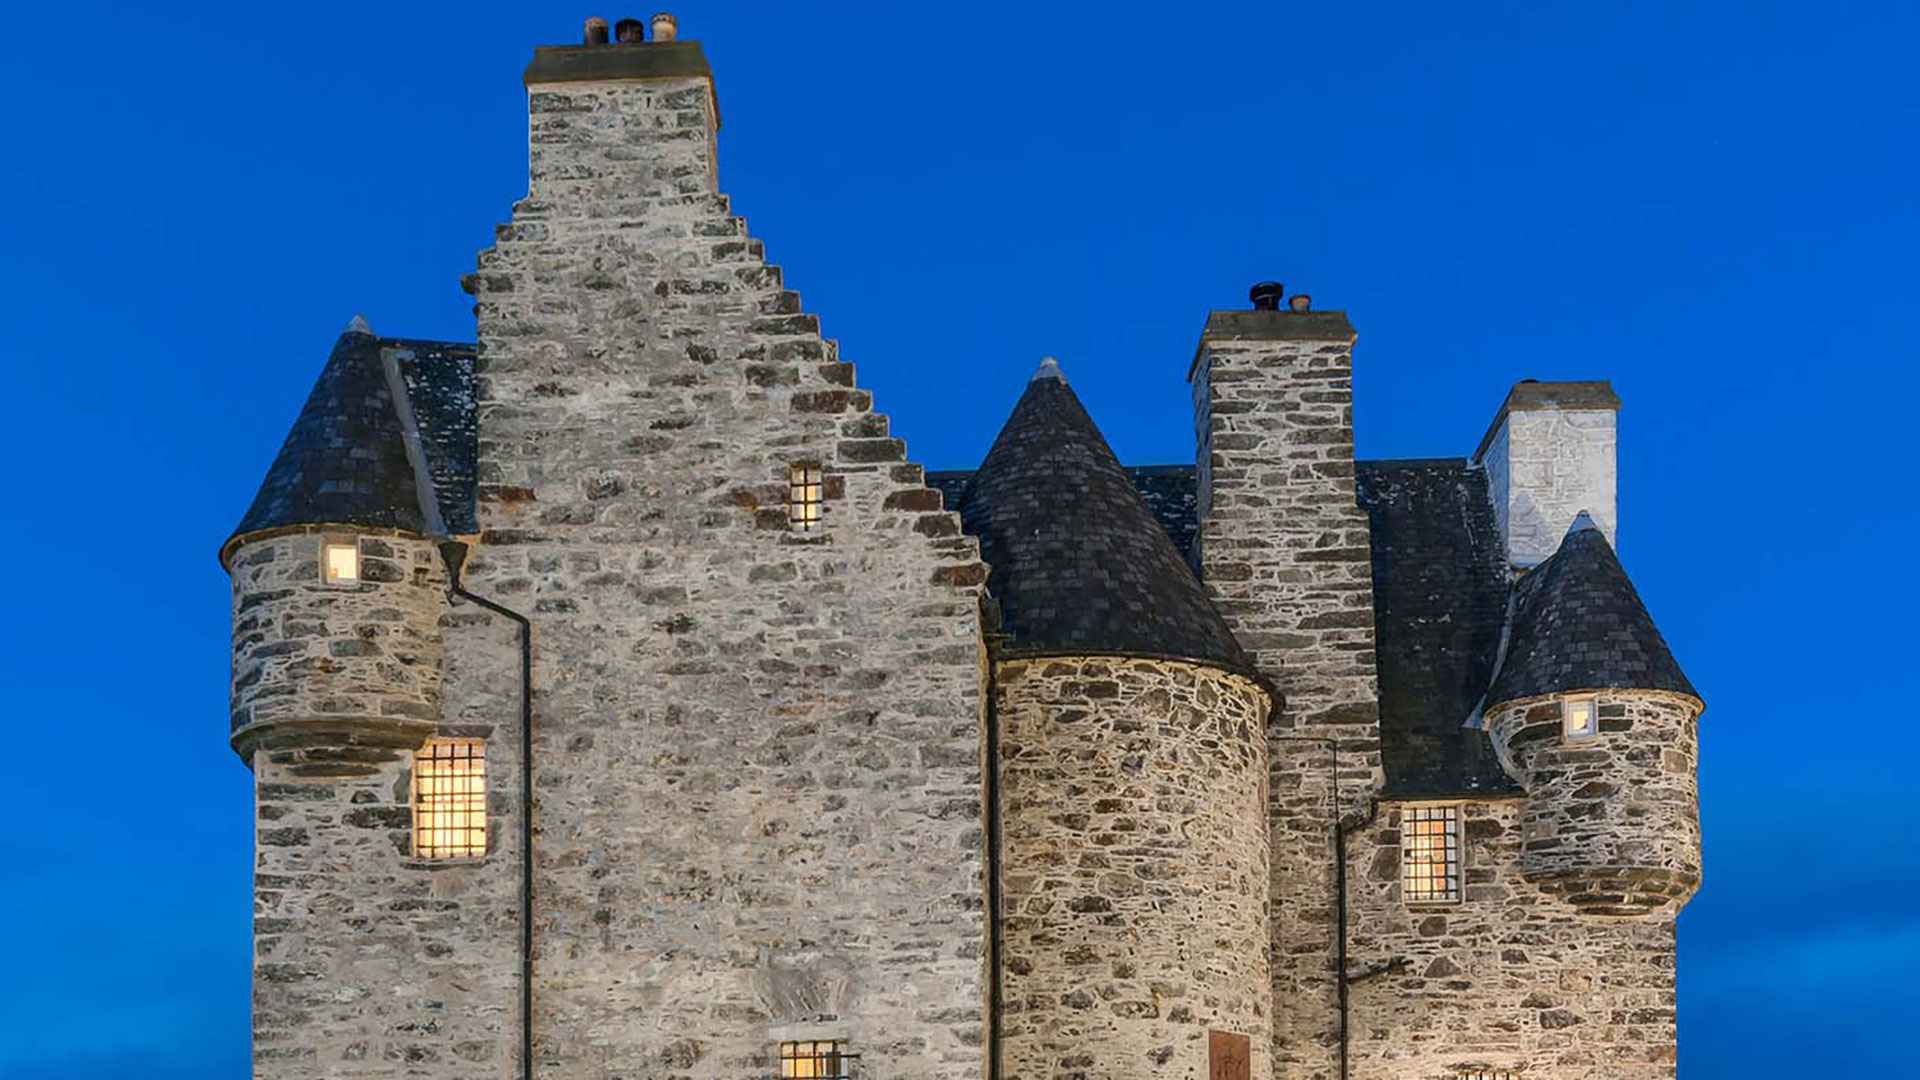 Lightyear One journeys at Barcaldine Castle, Oban, in Scotland